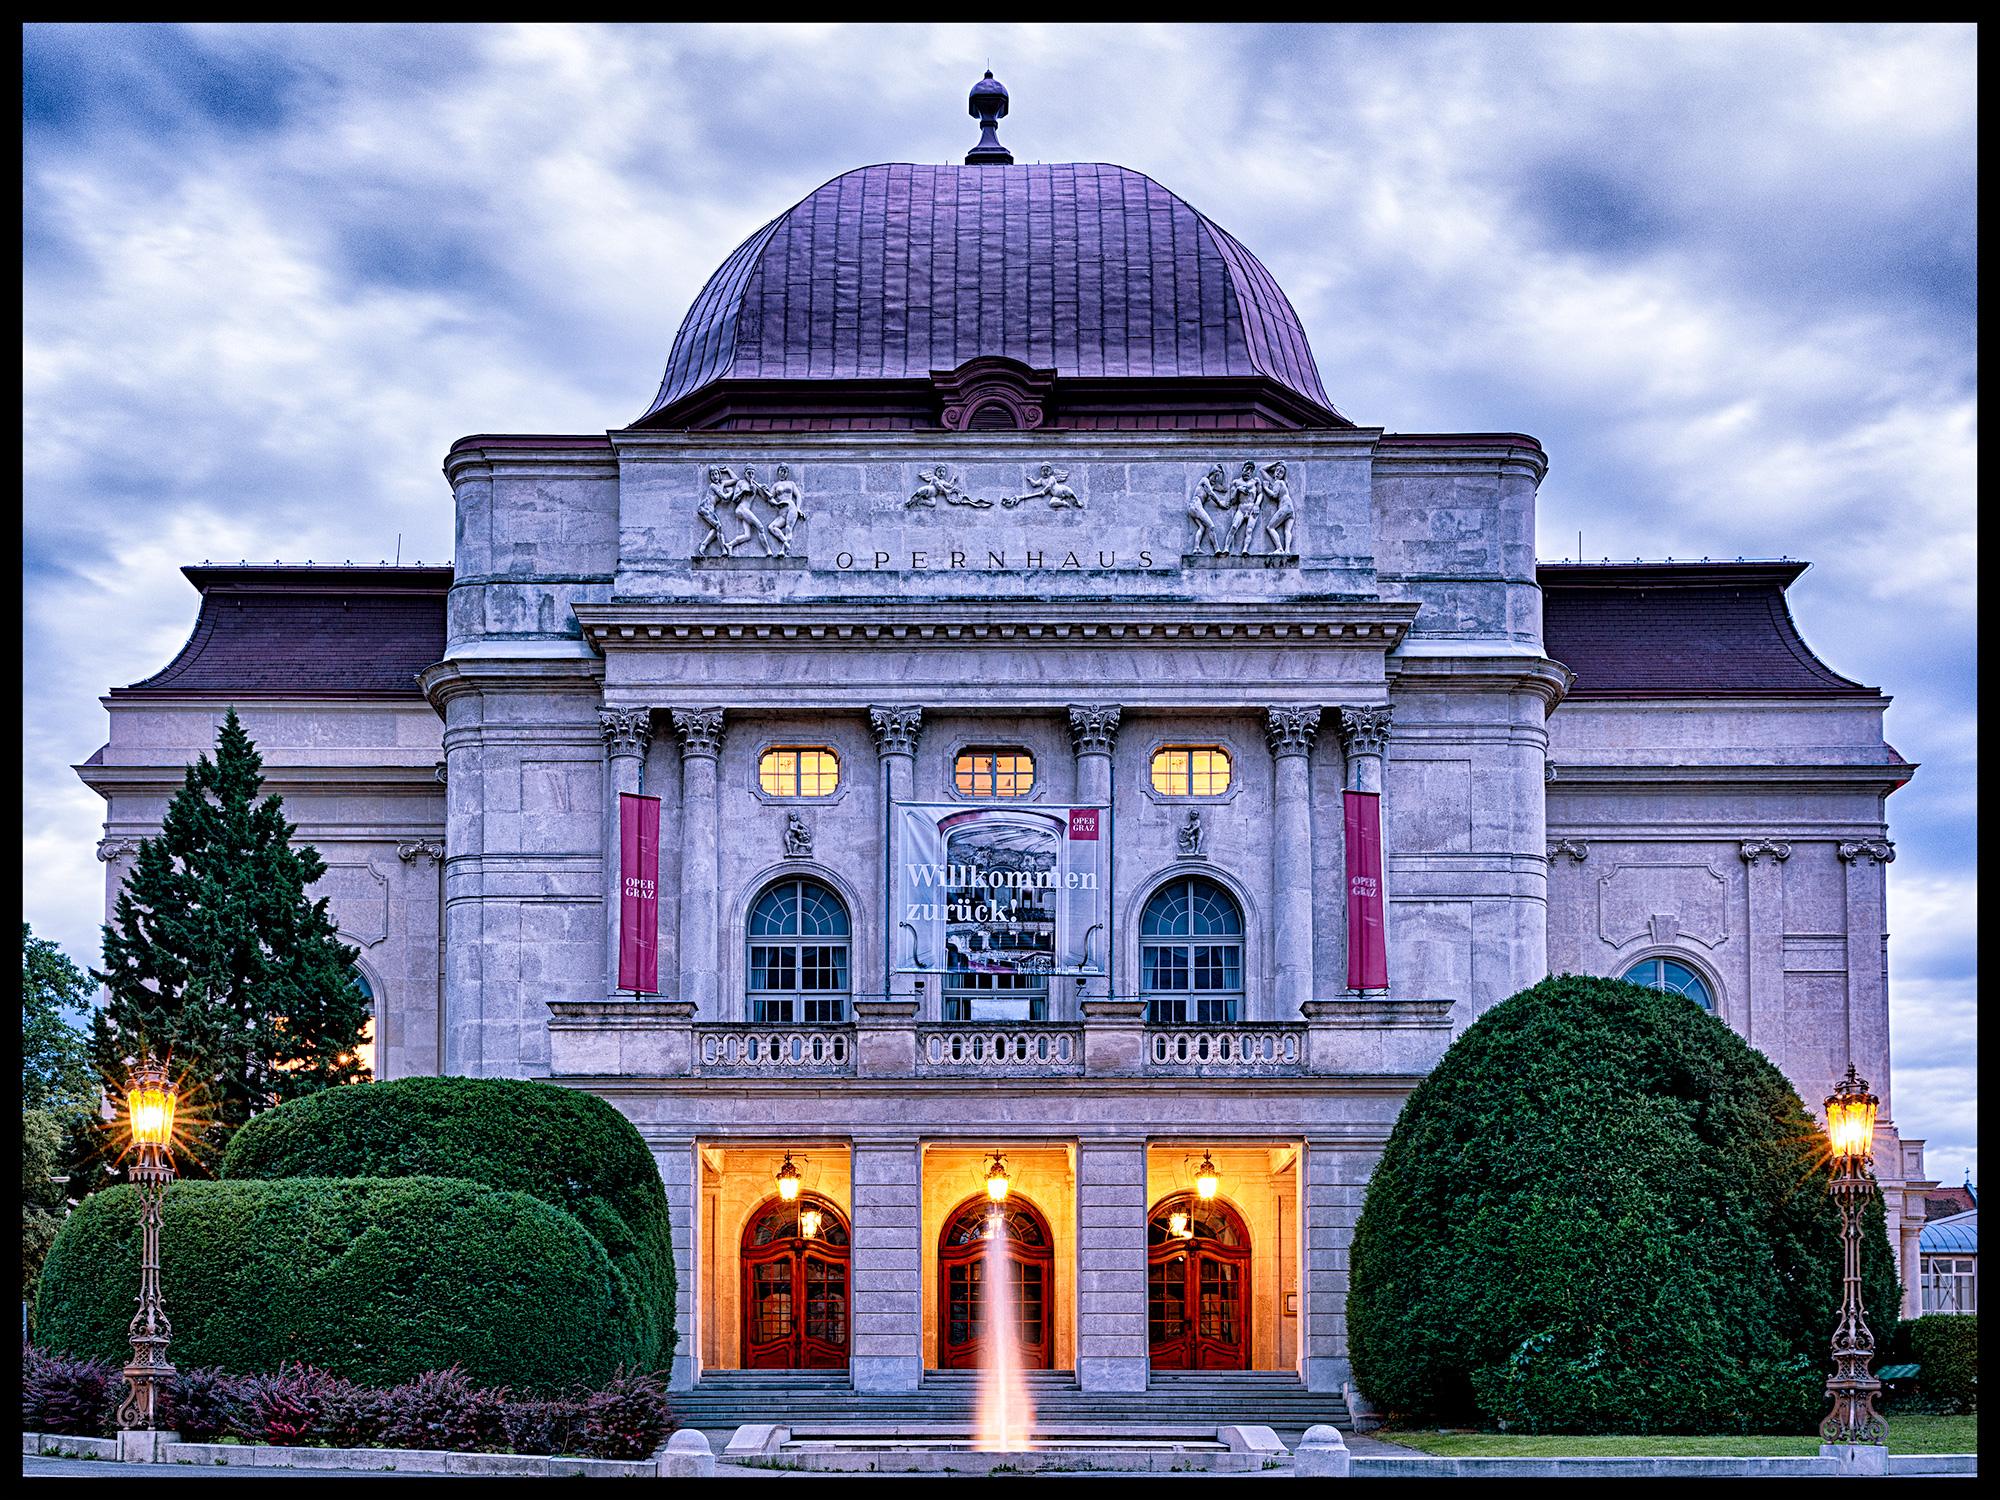 Eine Frontalansicht der Grazer Oper vom Opernring in der blauen Stunde